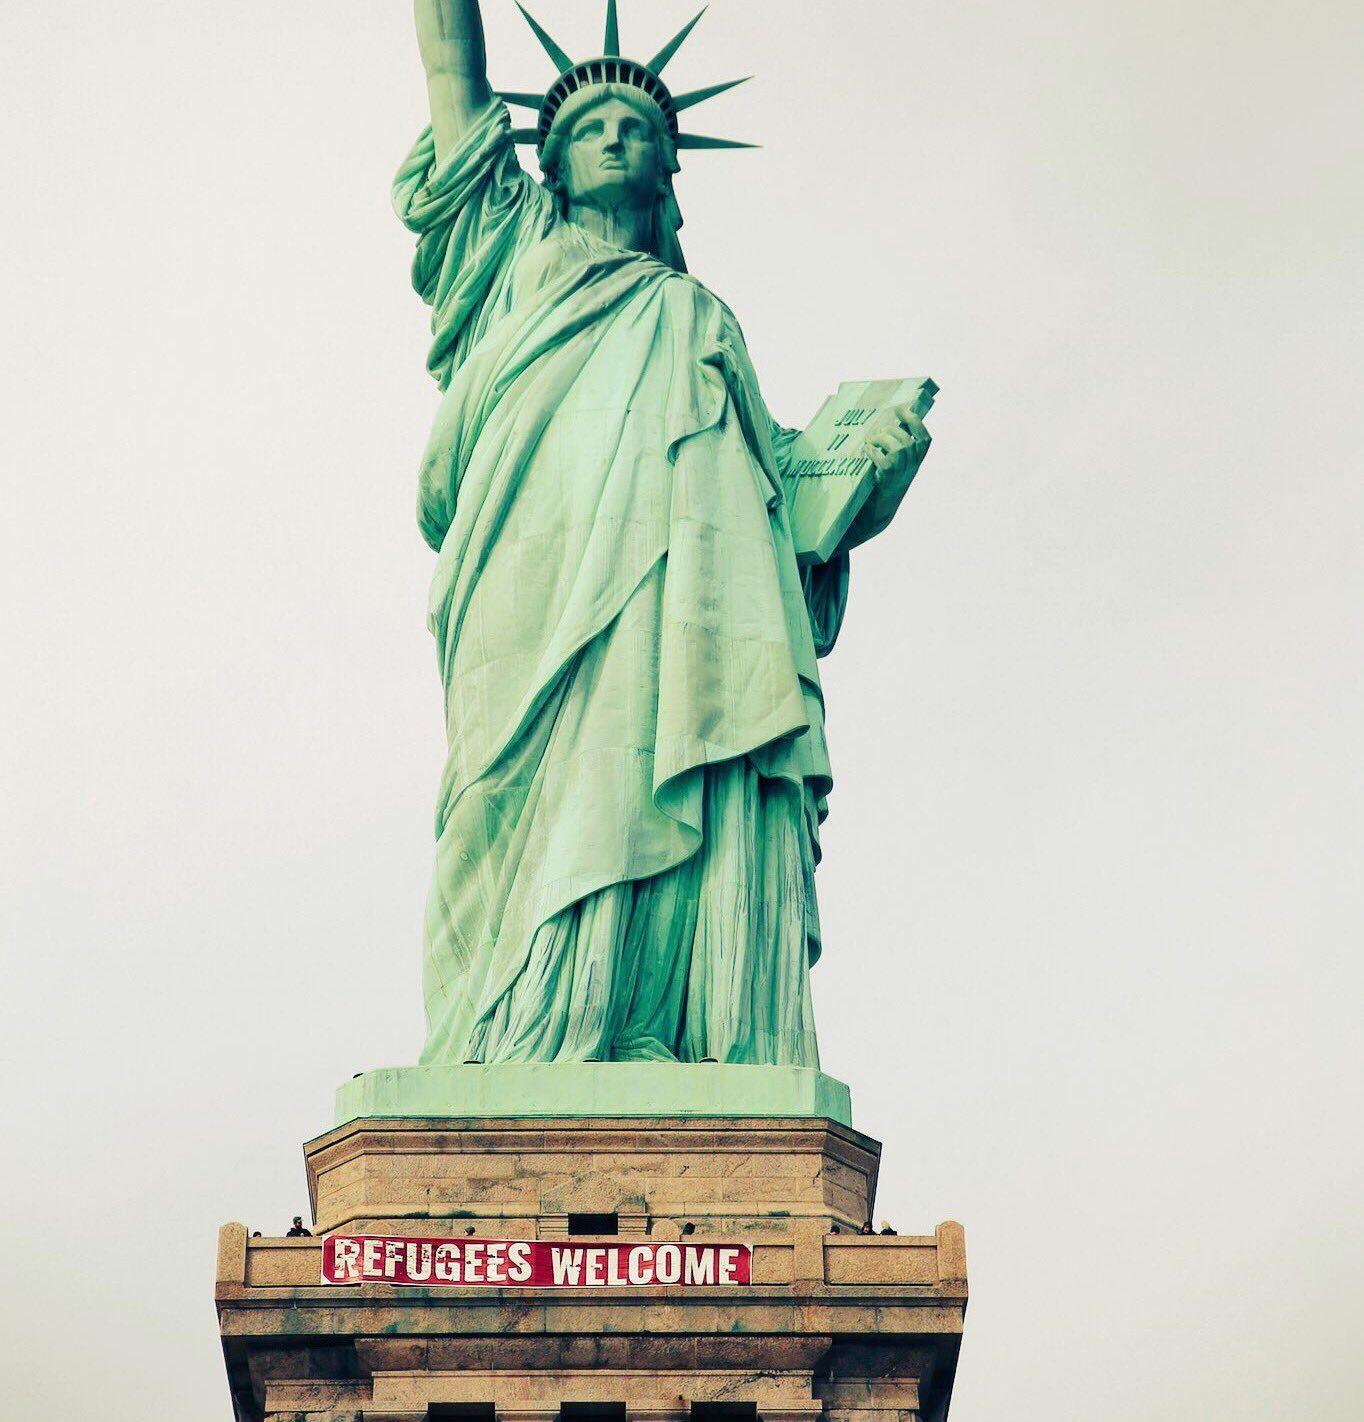 """Résultat de recherche d'images pour """"statue of liberty refugees welcome"""""""